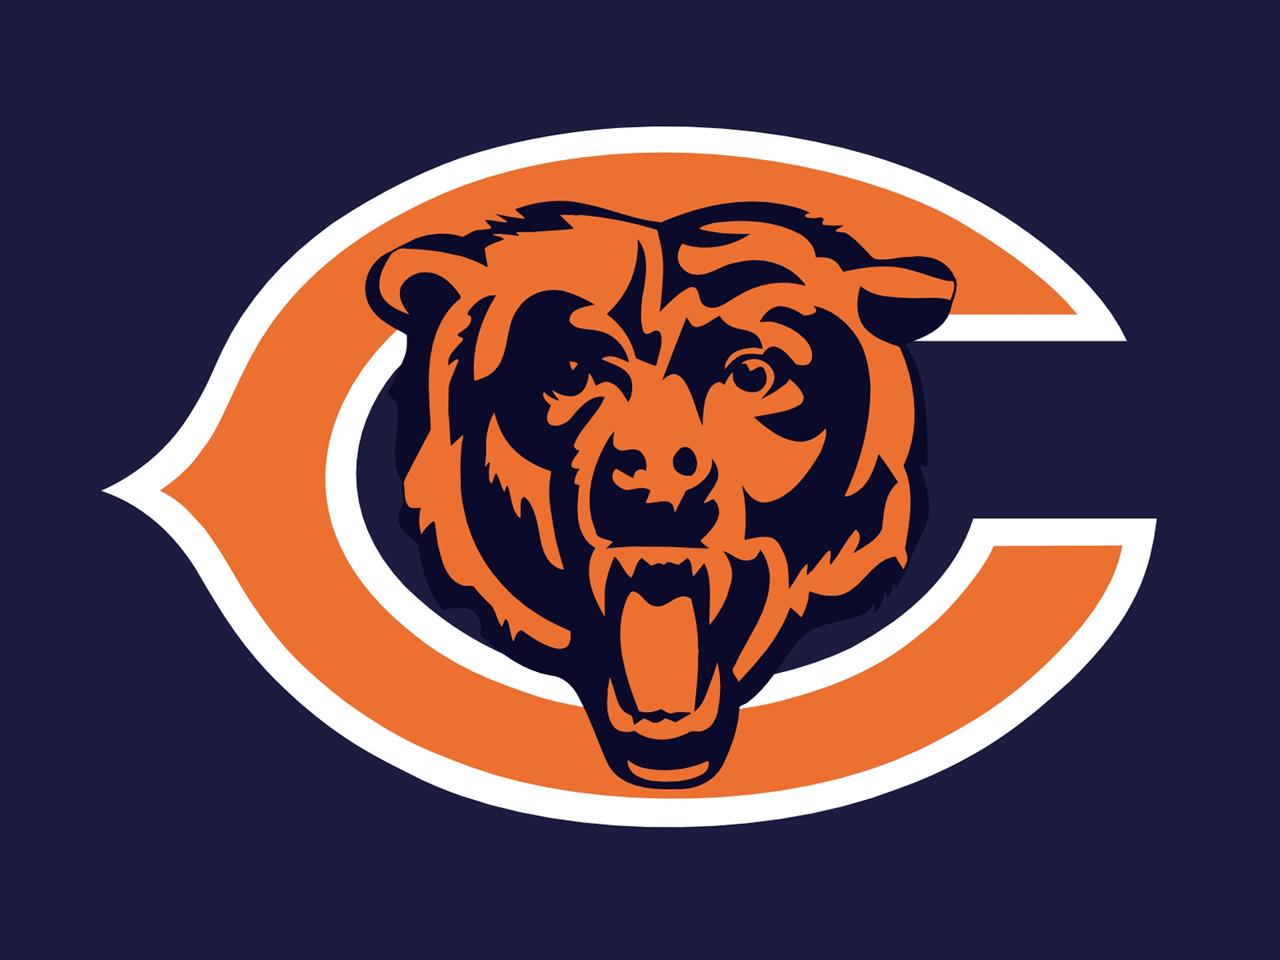 chicago bears wallpaper 14557